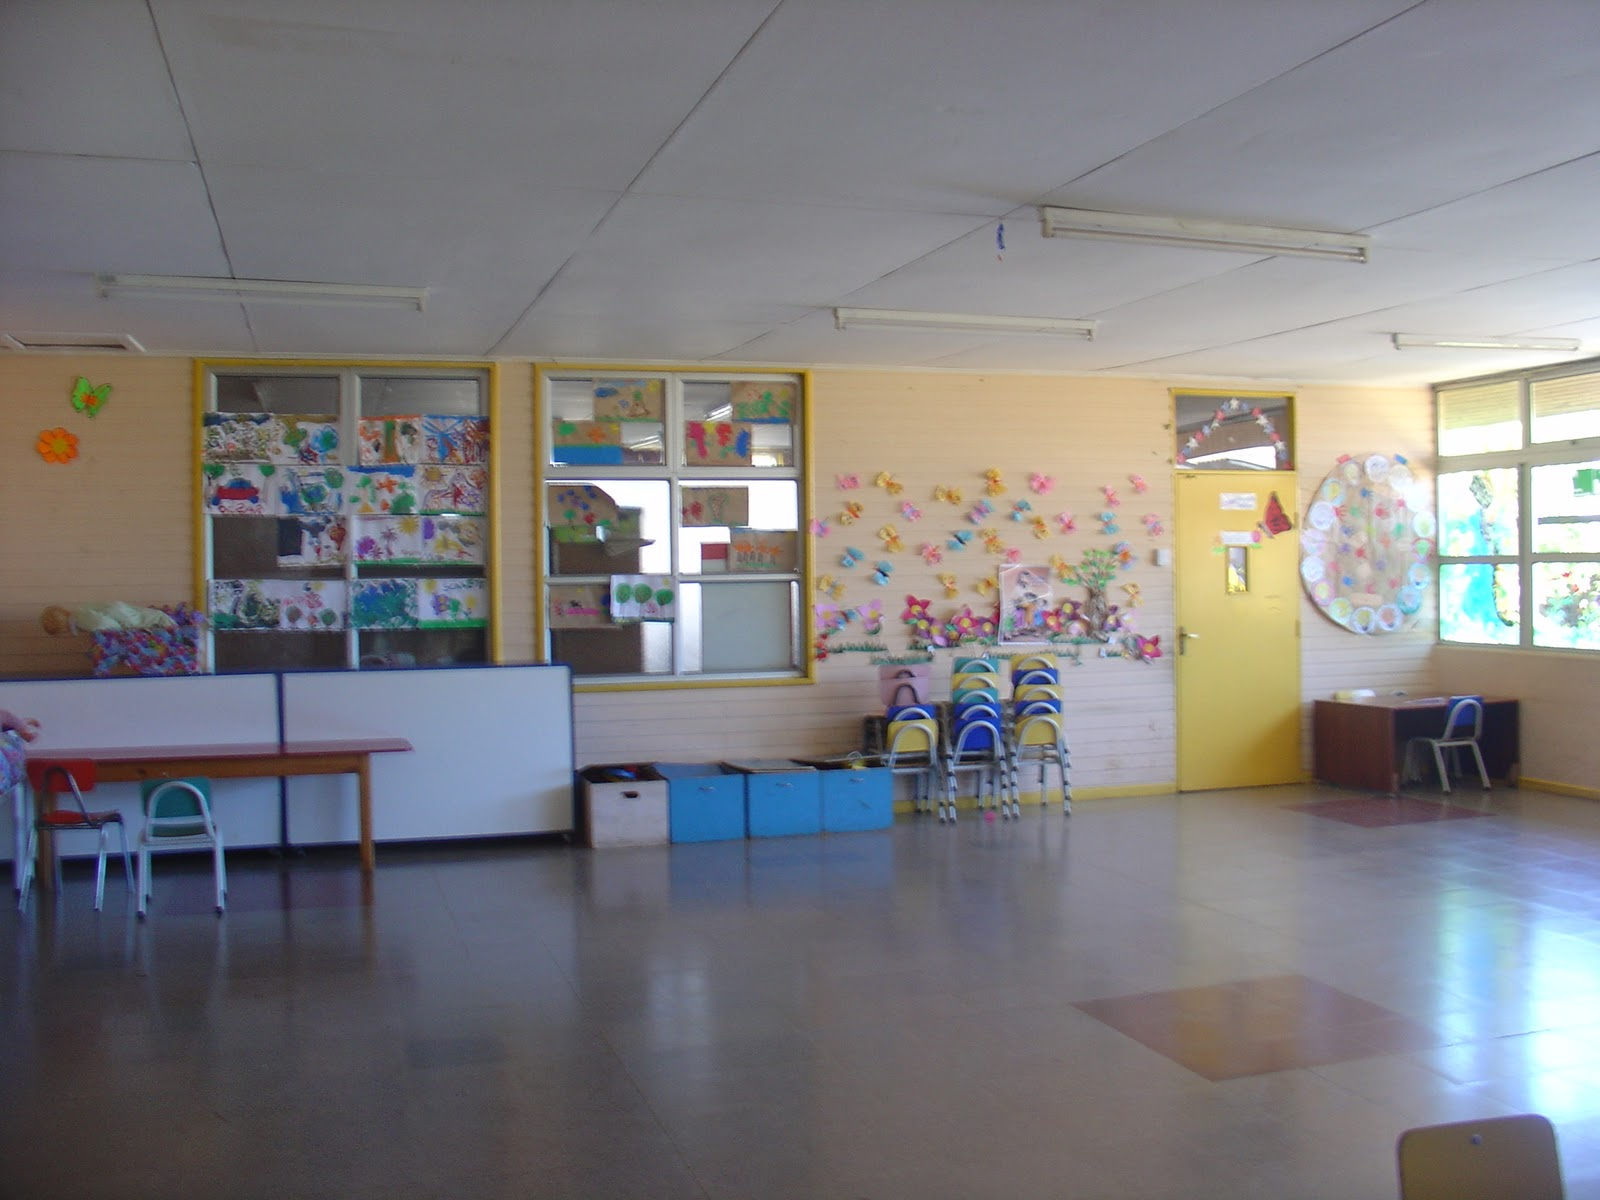 Escuela claudio flores soto infraestructura for Mobiliario para parvulos